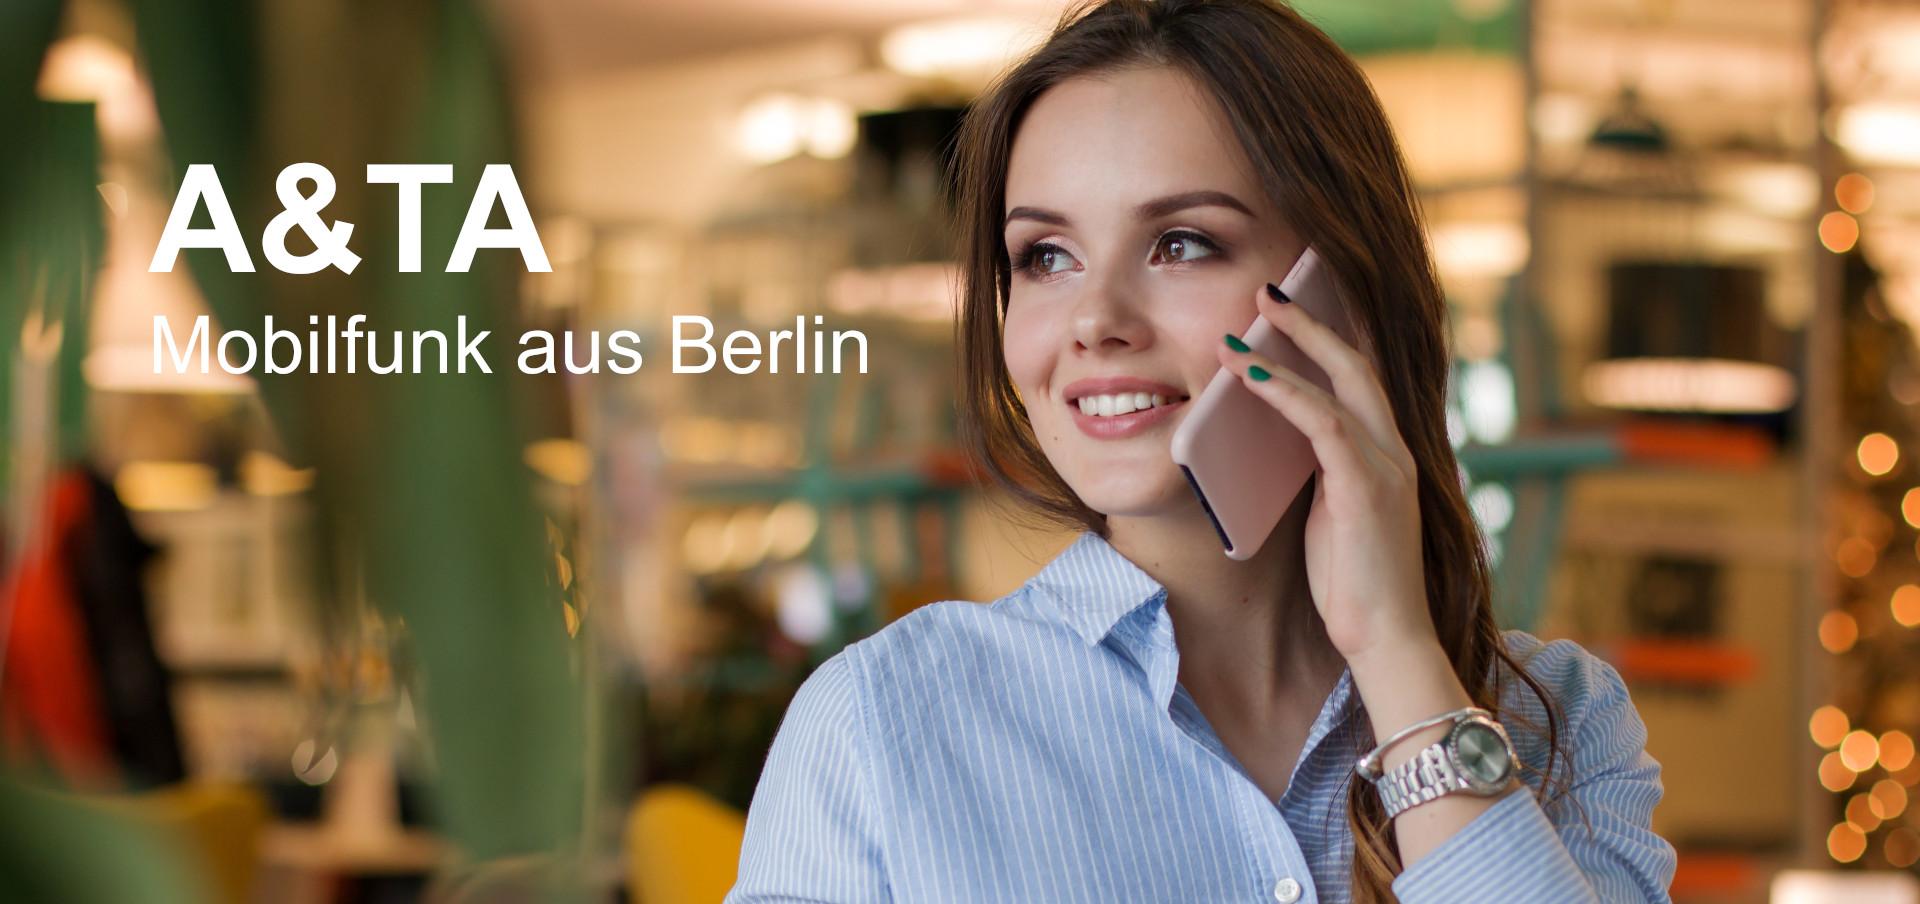 A&TA Mobilfunkmanagement aus Berlin